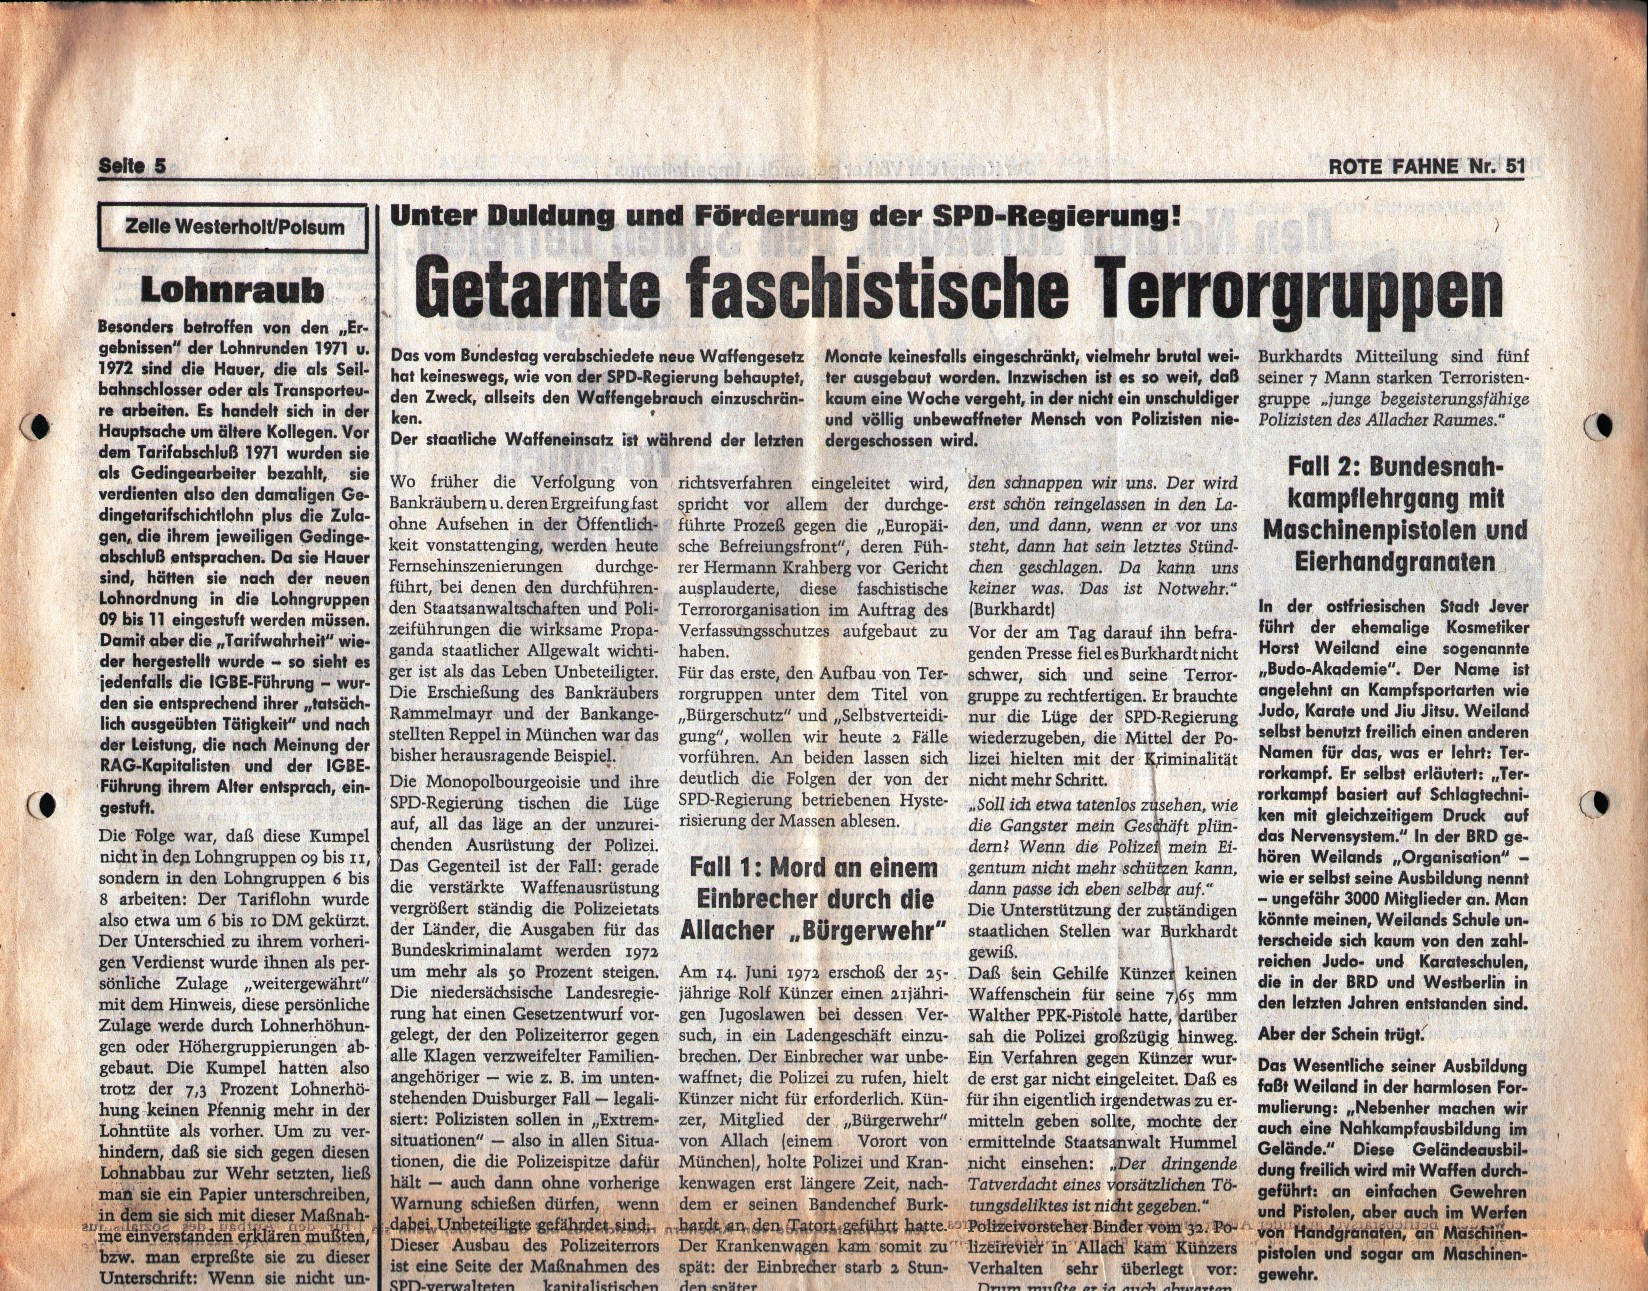 KPD_Rote_Fahne_1972_51_09